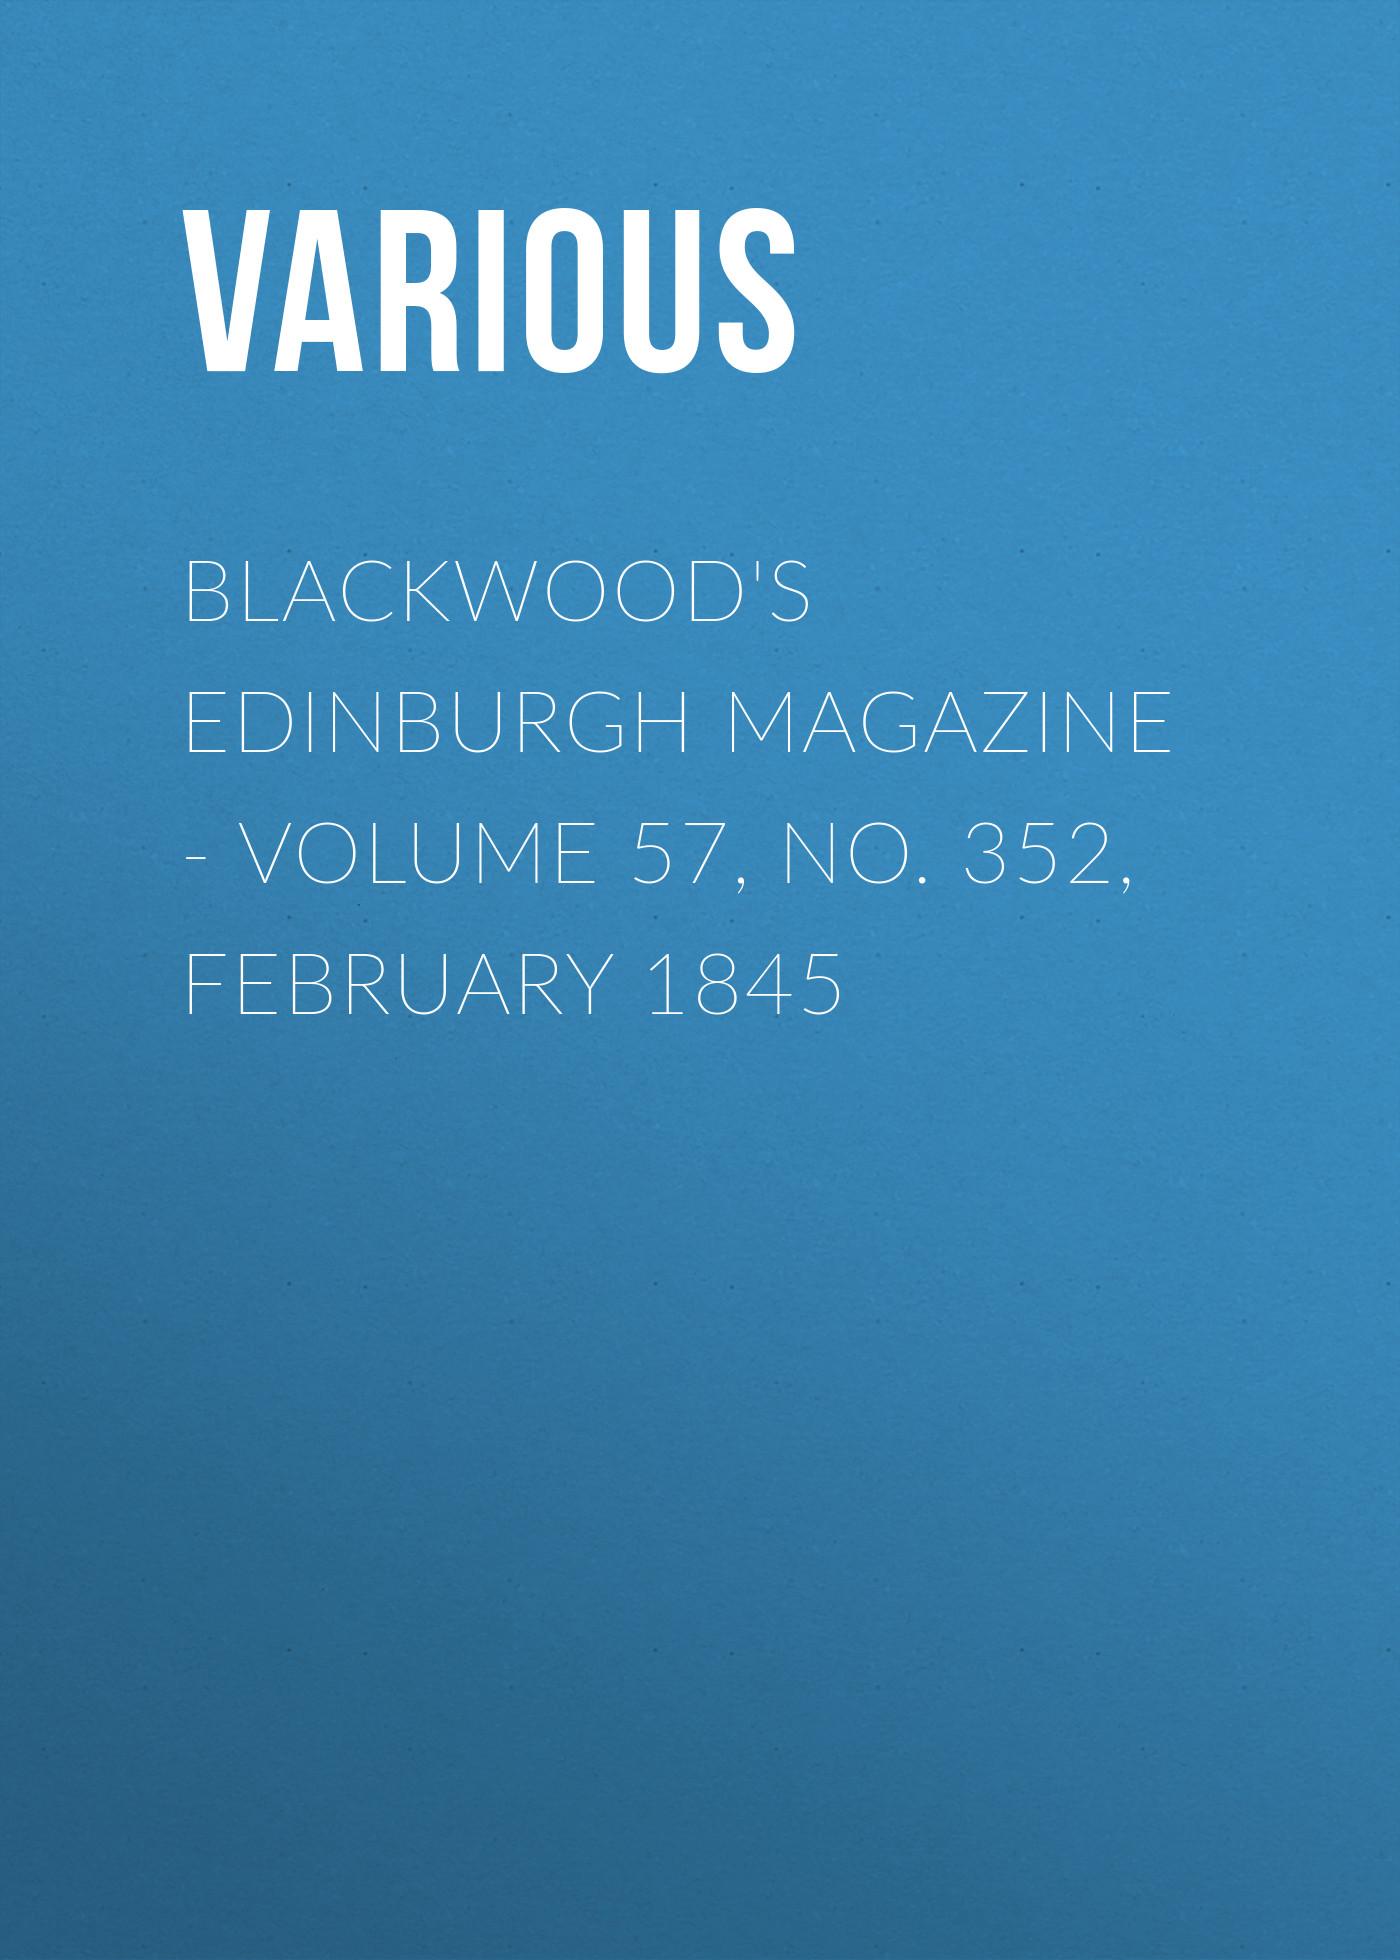 Various Blackwood's Edinburgh Magazine - Volume 57, No. 352, February 1845 henry woodward geological magazine volume 22